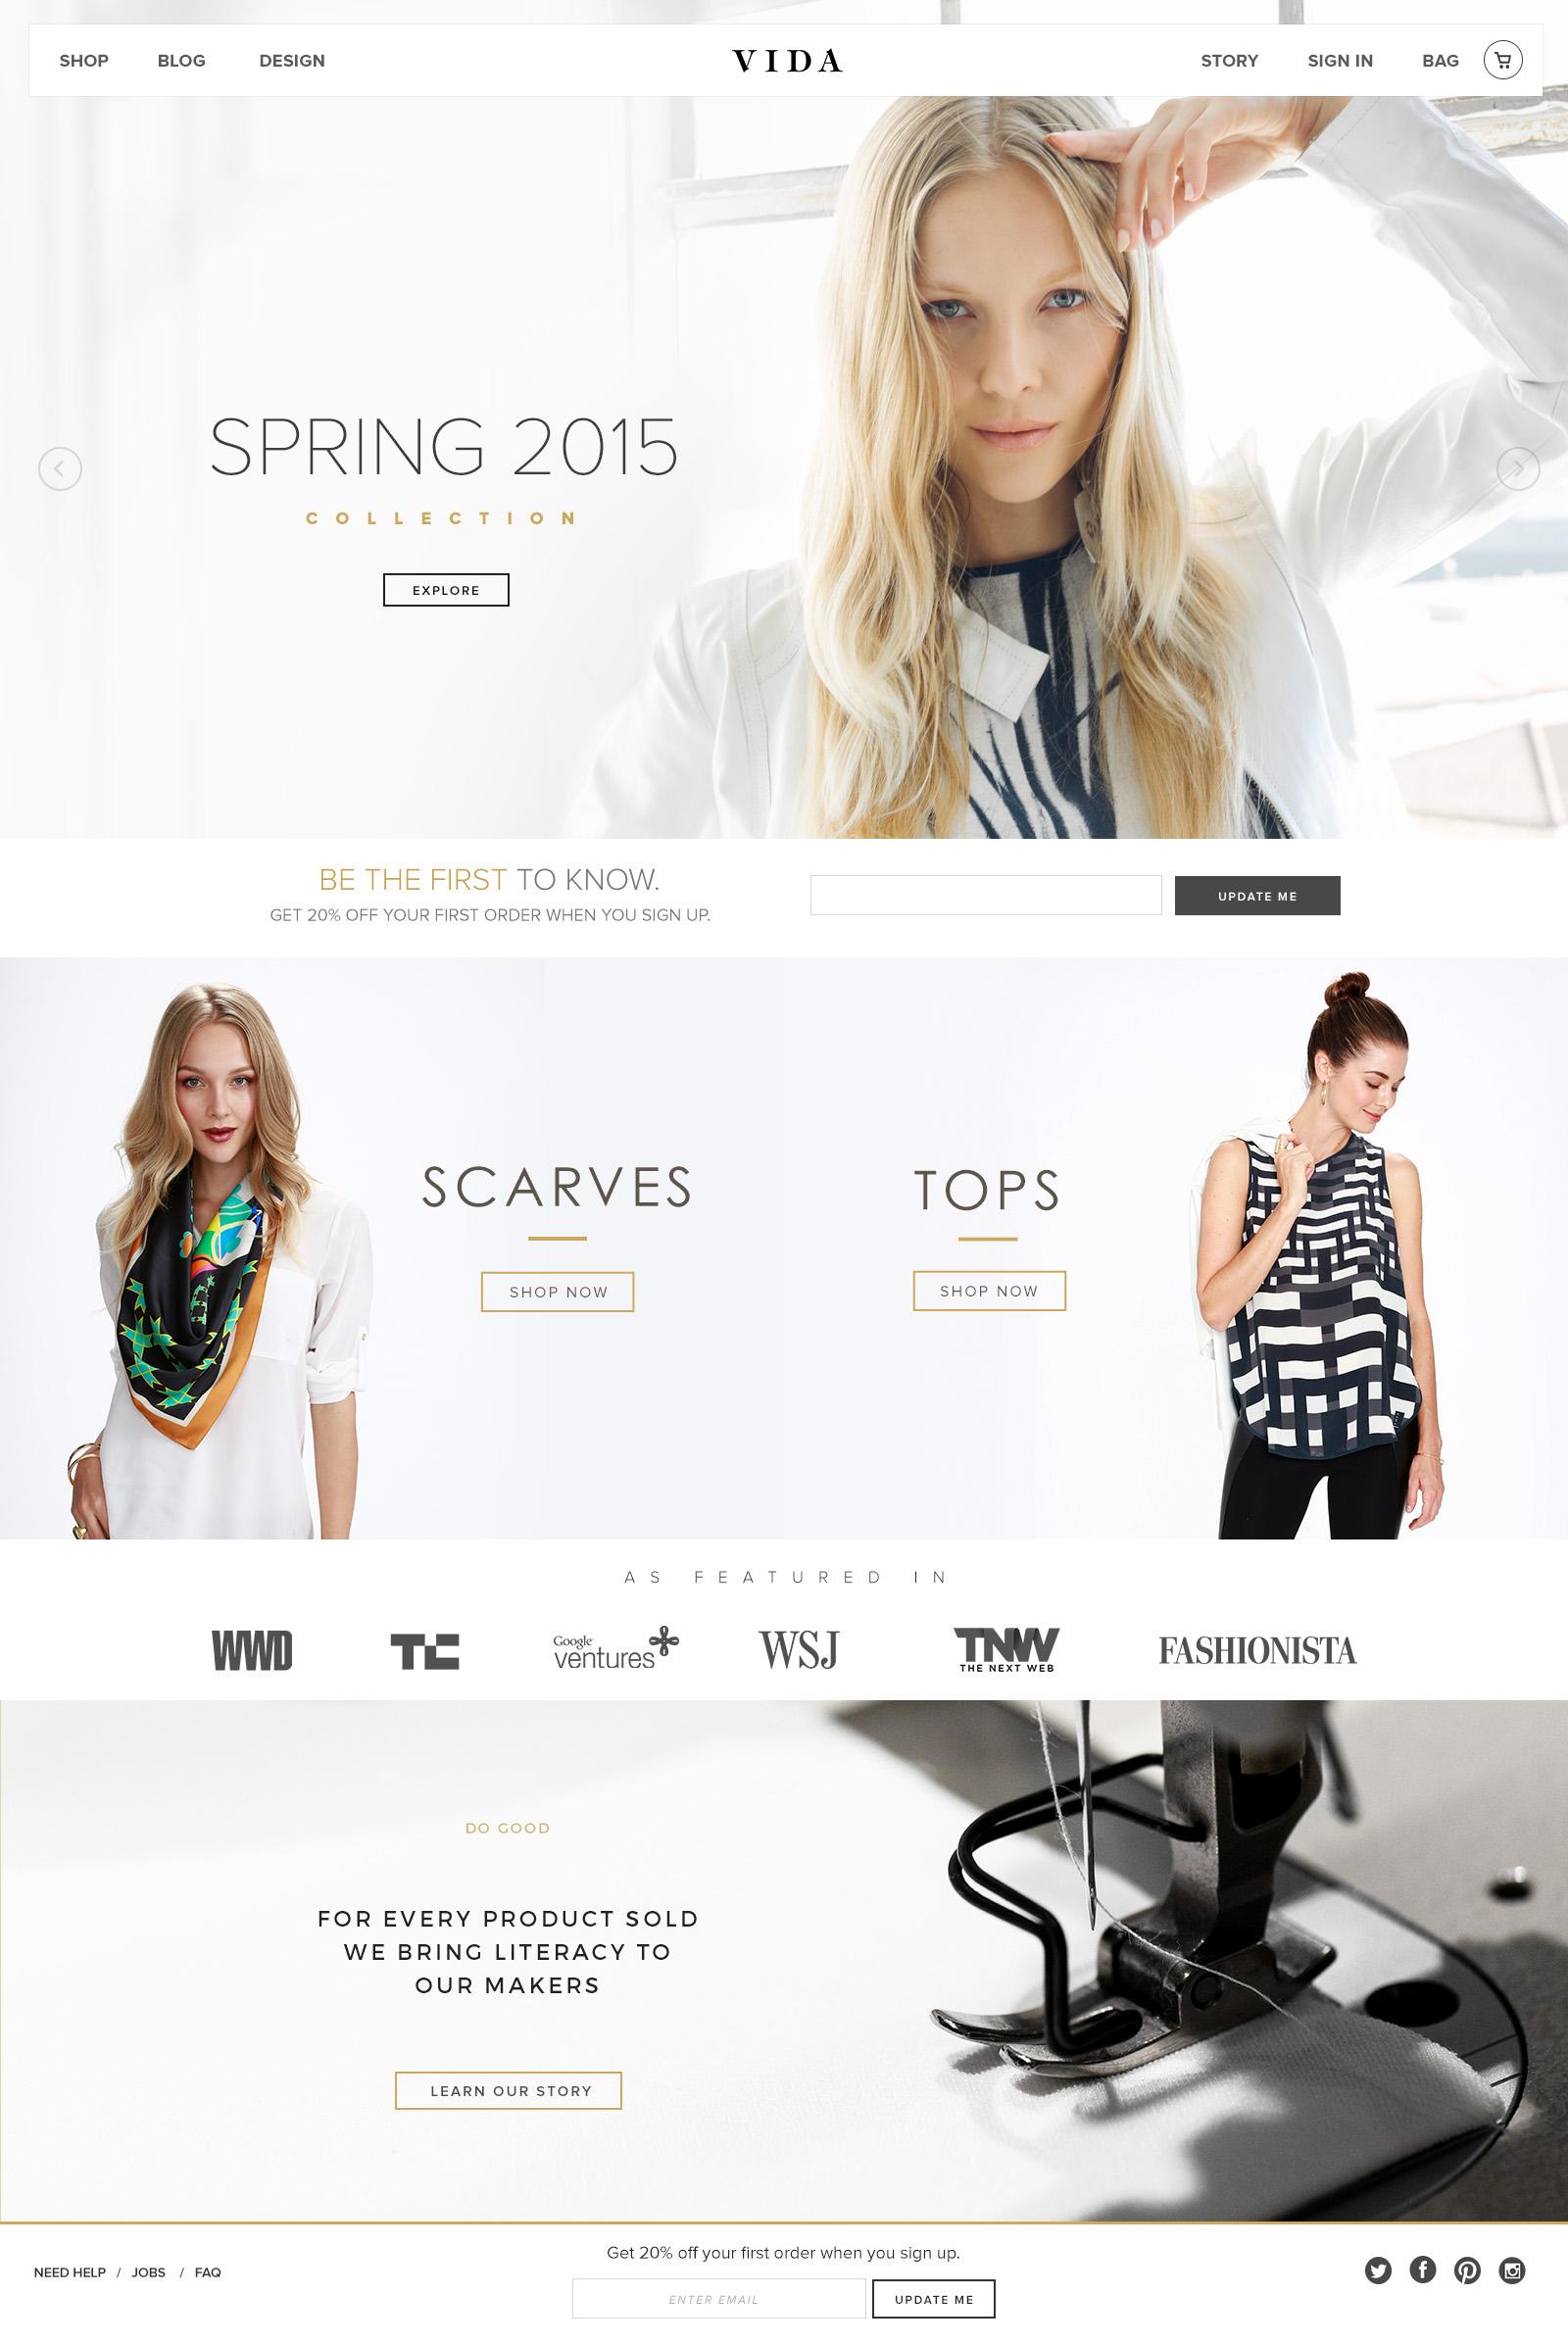 Vida+-+Homepage.jpg